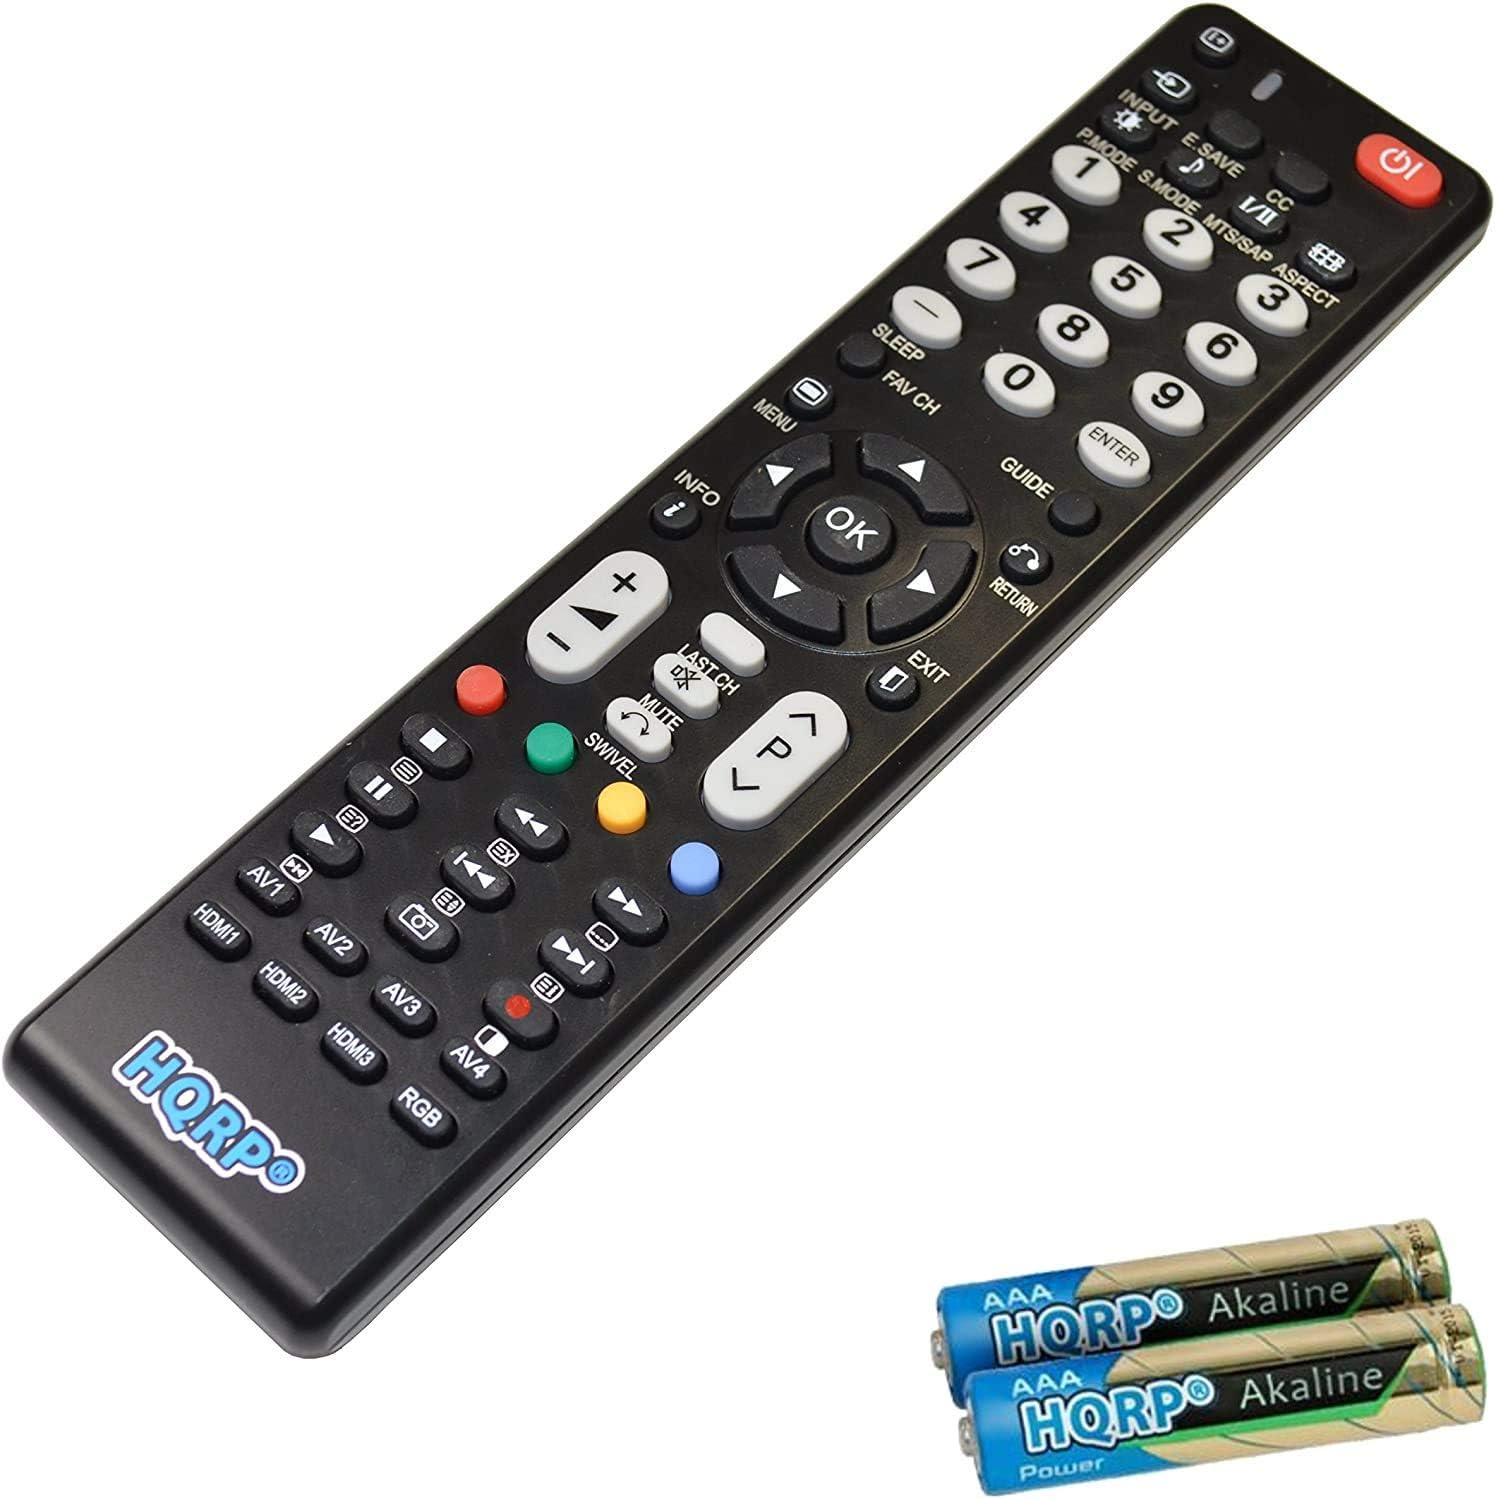 HQRP Mando a distancia universal para Hitachi 50HYT62U, 32HYJ46U, 32HYT46U, 32hbj46u, 28HYJ45U LCD LED HD TV Smart televisores: Amazon.es: Electrónica